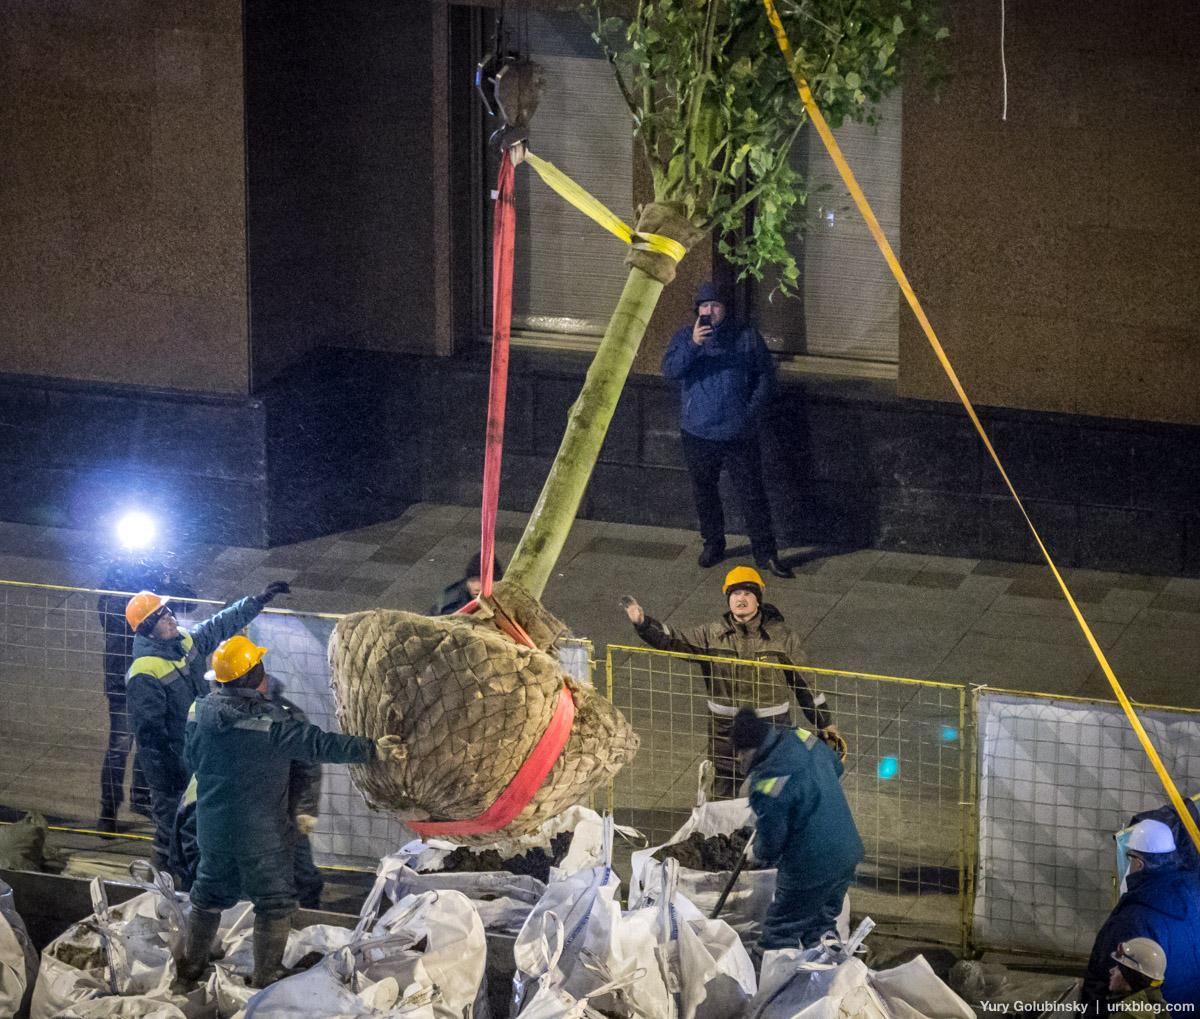 1-я Тверская-Ямская, новые деревья, первое дерево, моя улица, ночь, работа, Москва, Россия, 2017